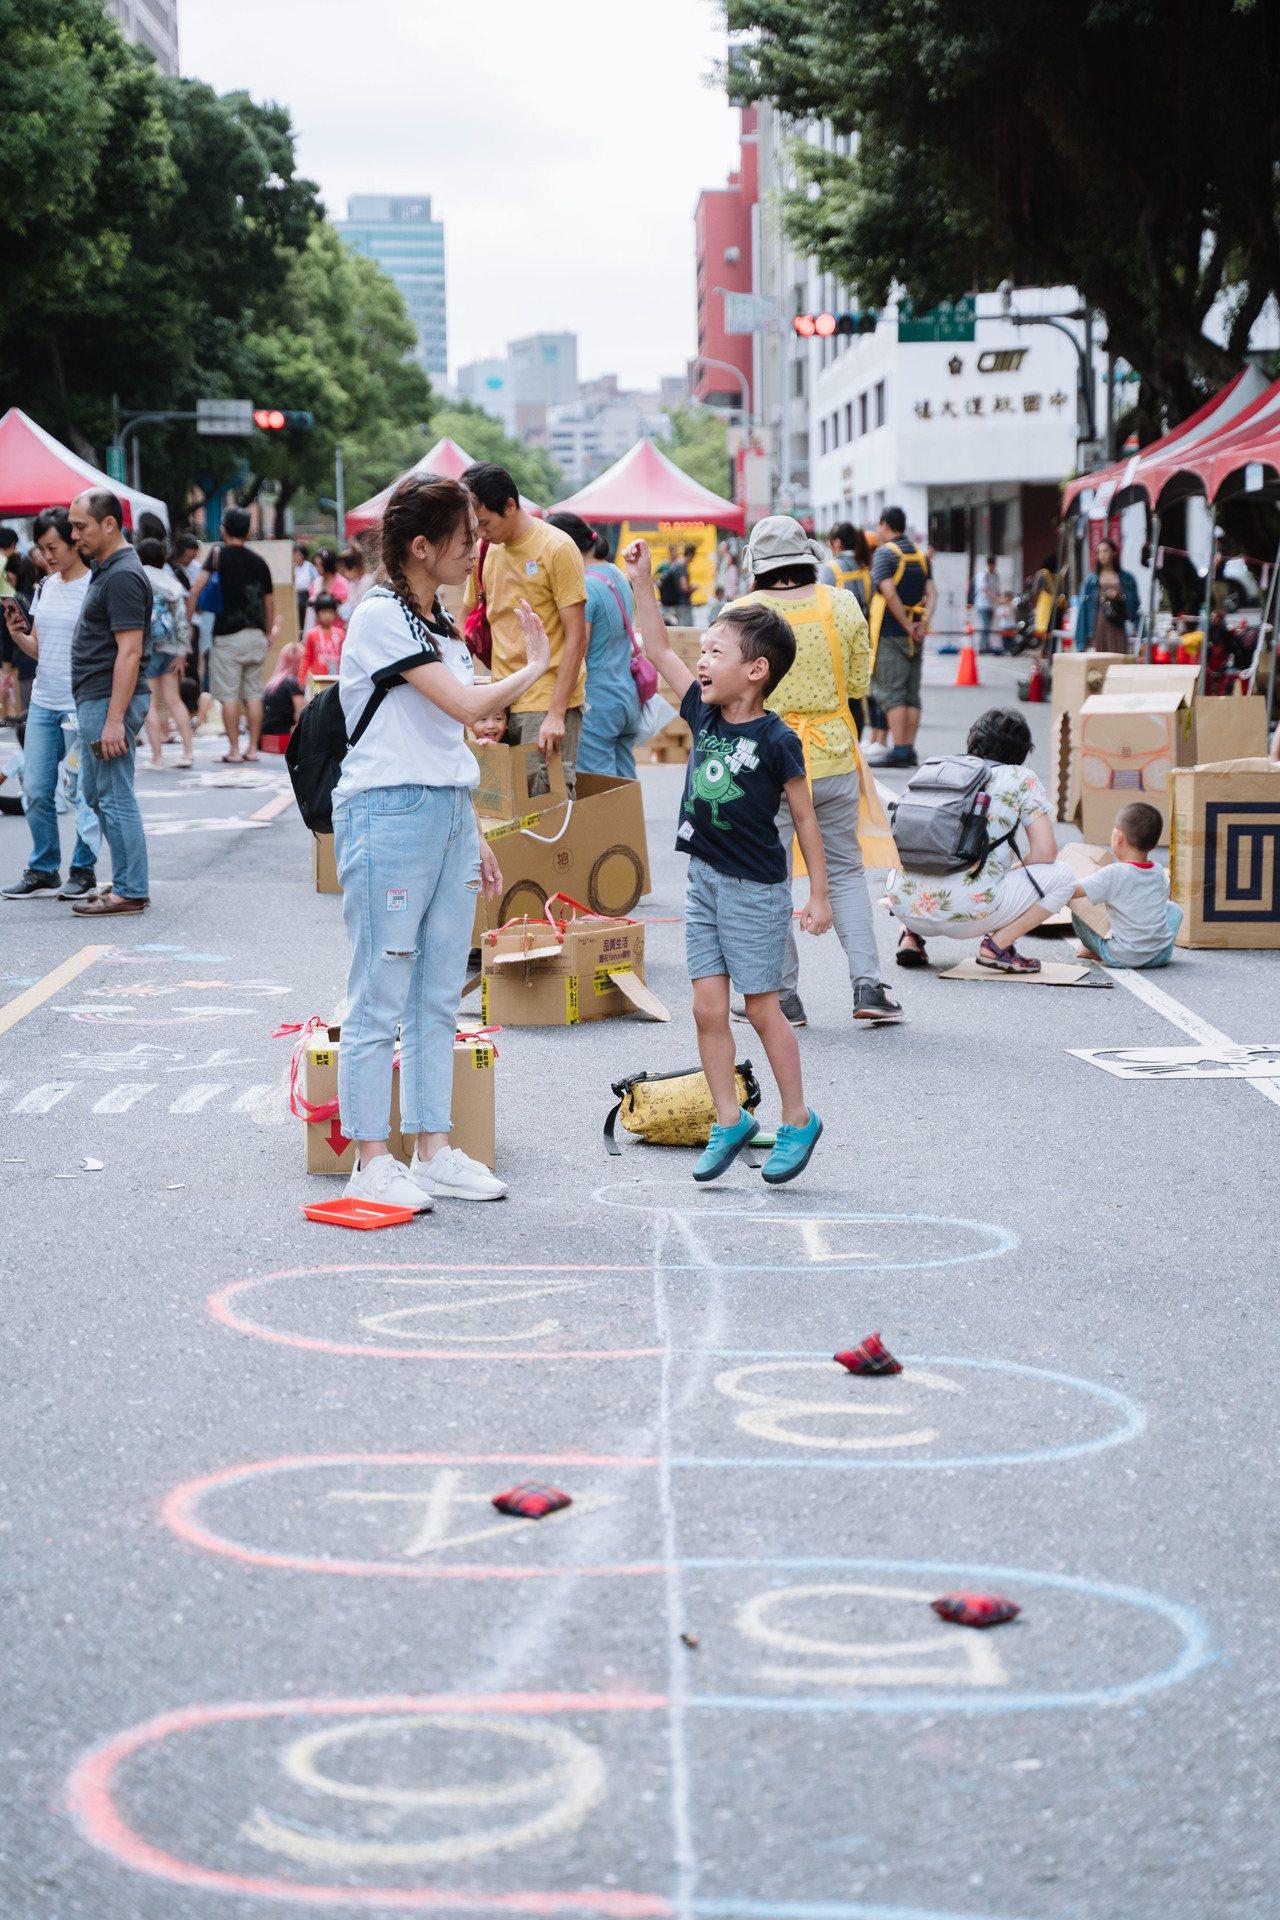 特公盟提出兒童要有地方玩、避免現代遊戲空間不足所造成身心問題等訴求後引起市府重視...